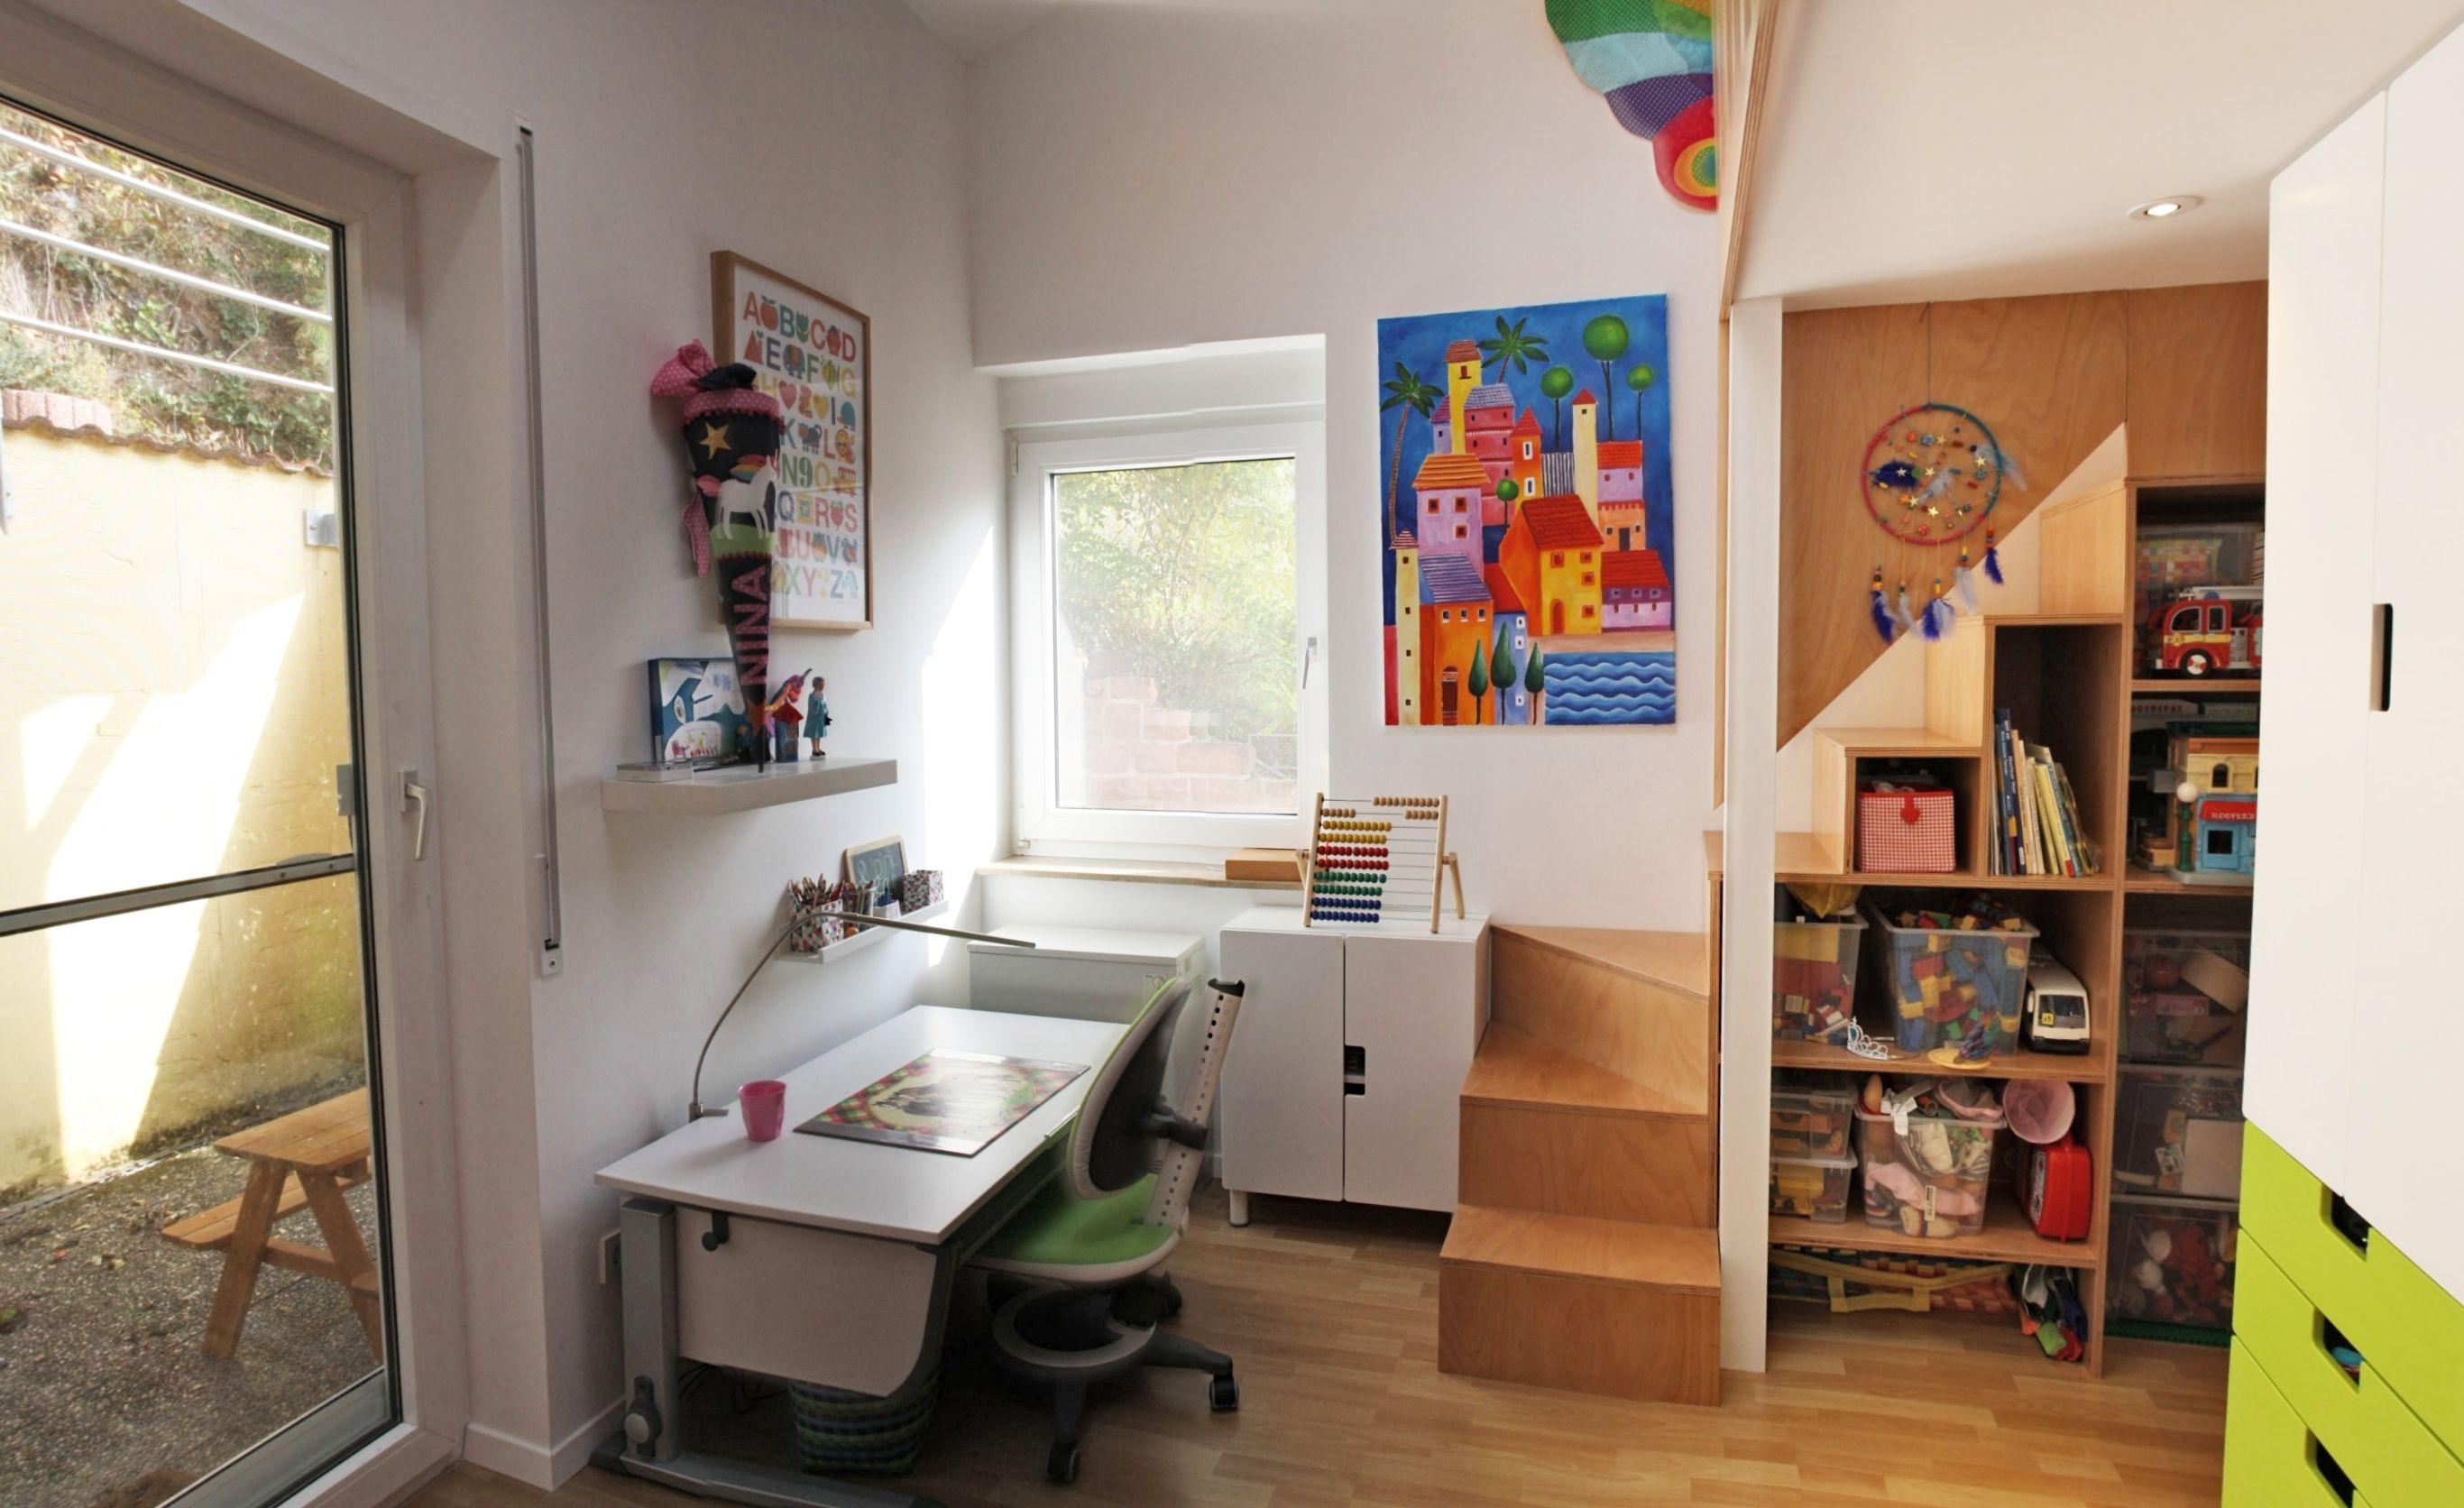 Umbau Kinderzimmer, Einbau 2. Ebene, Treppe, Regal, Ikea Stuva, Schreibtisch